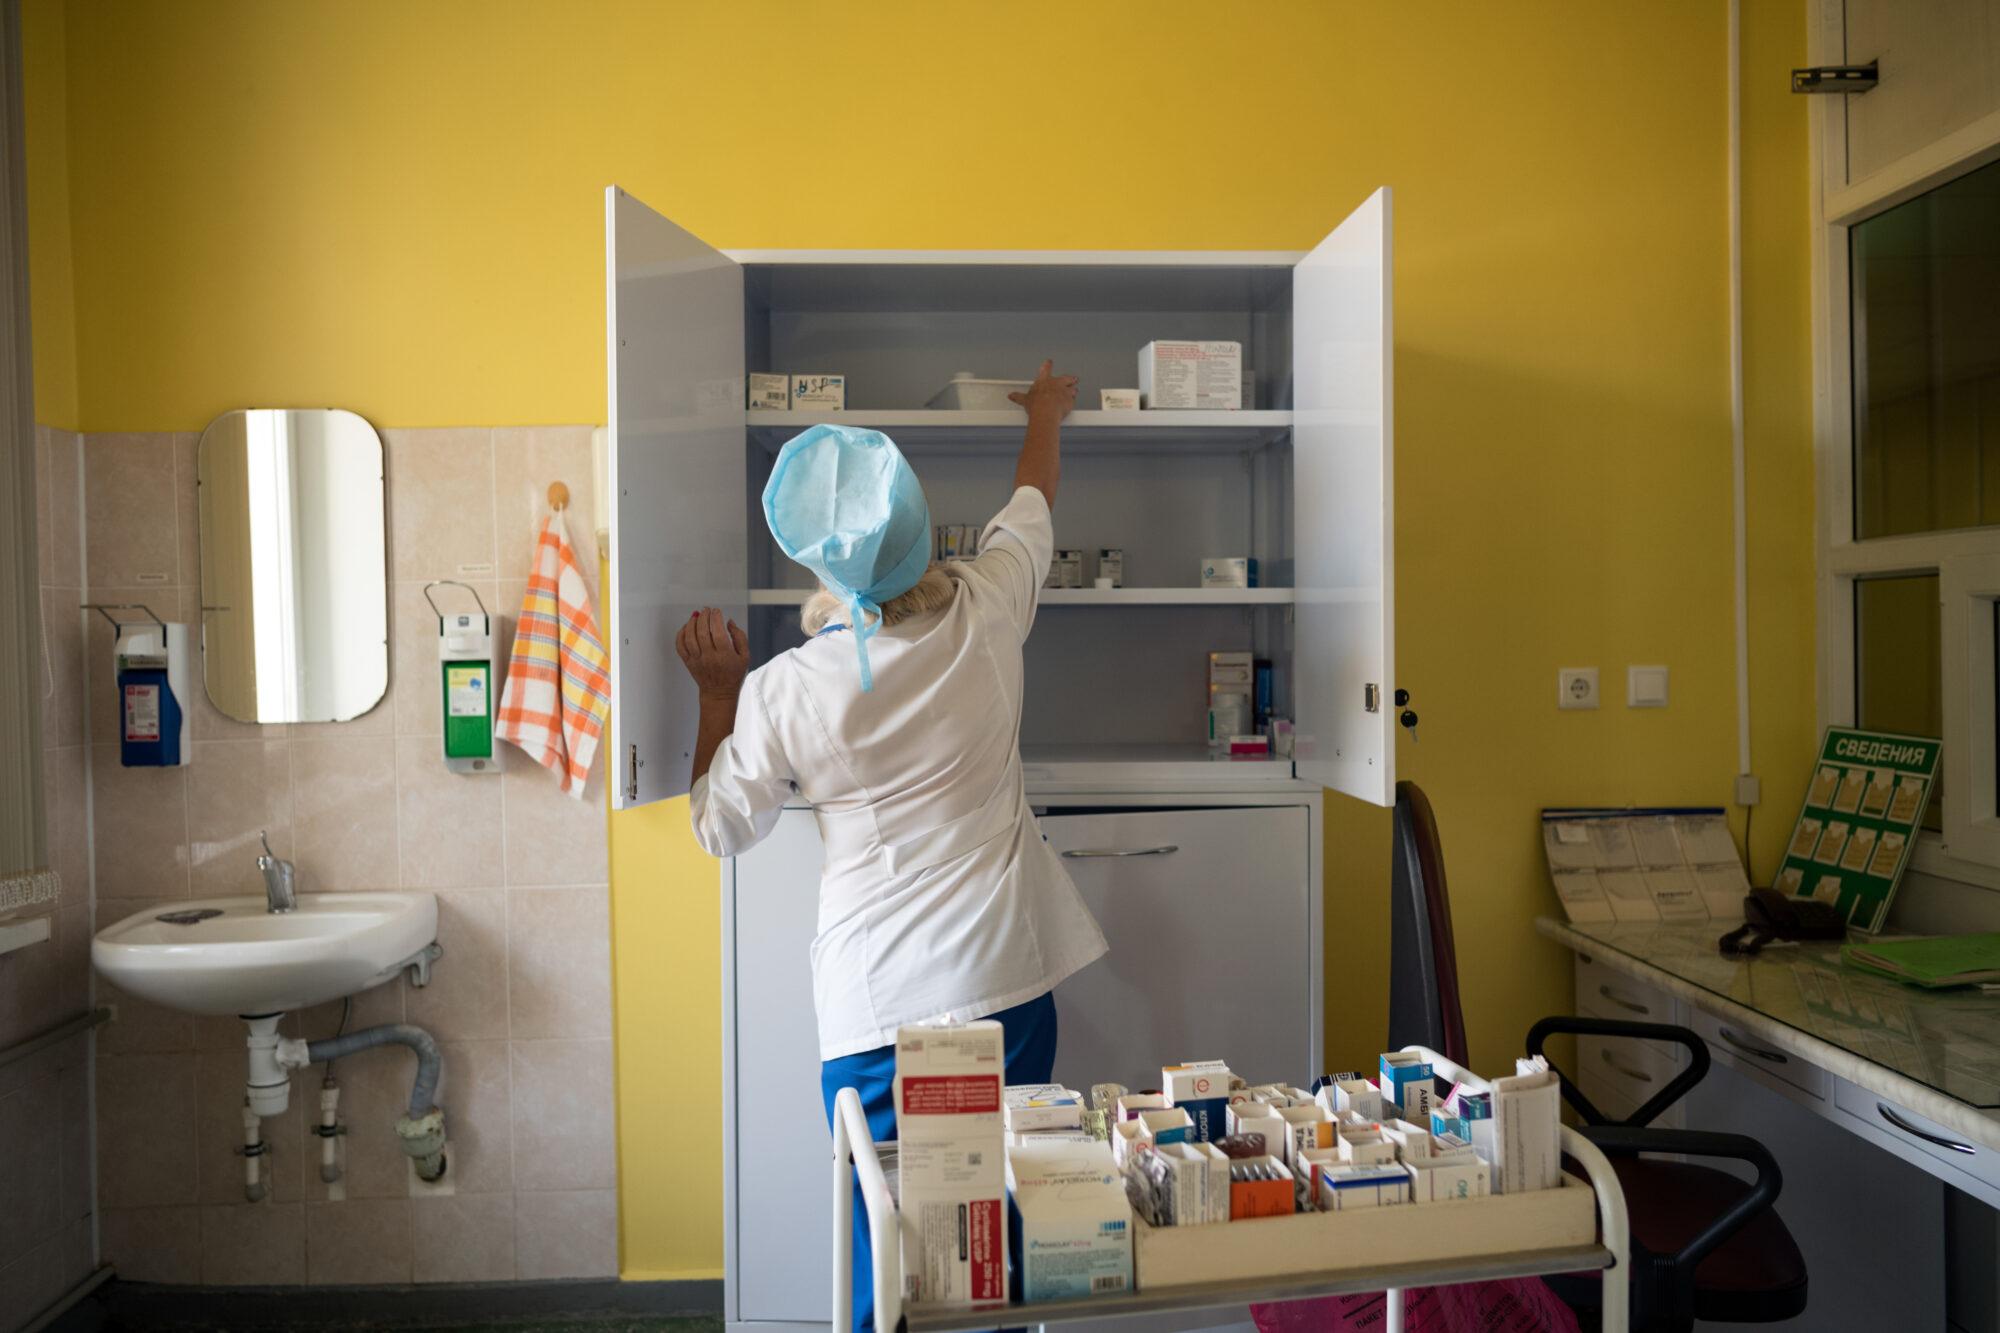 Hoitaja etsii kaapista lääkkeitä valmistellakseen ne tuberkuloosipotilaille.